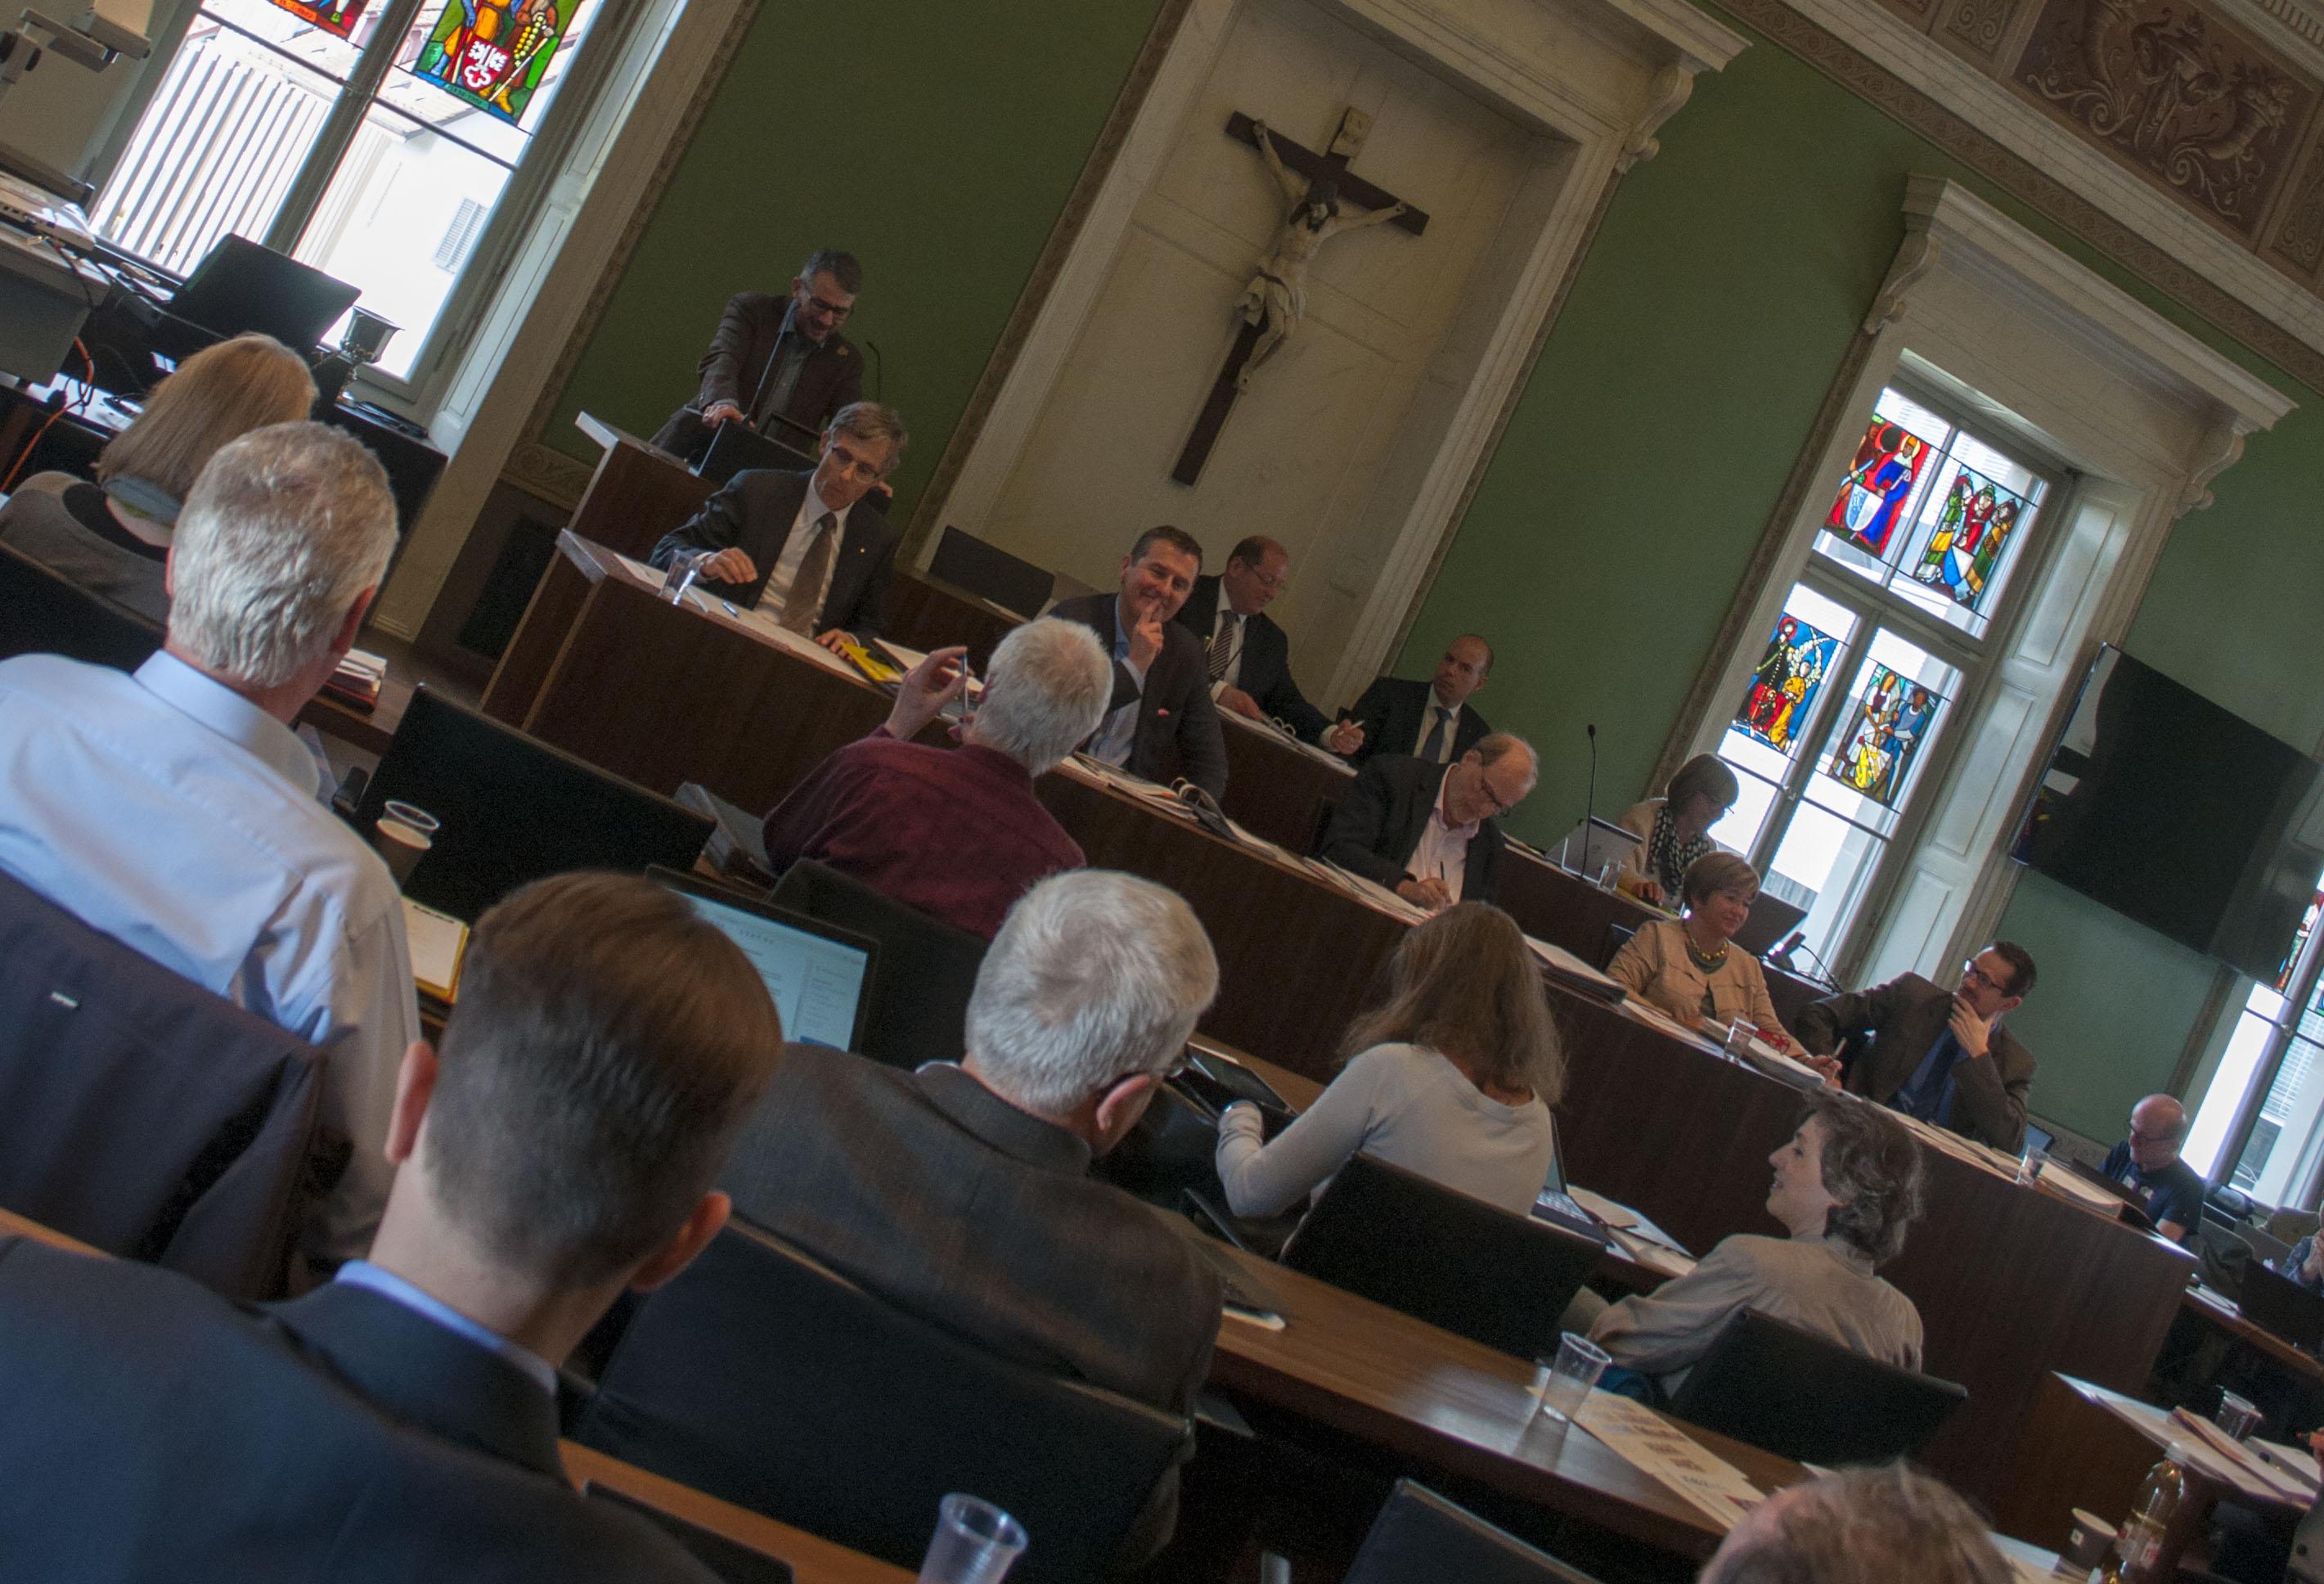 Manchmal hängt im Grossen Gemeinderat der Stadt Zug der Haussegen schief: Es ist nun zu erwarten, dass die bürgerlichen Ansprüche an den mehrheitlich bürgerlichen Stadtrat steigen.